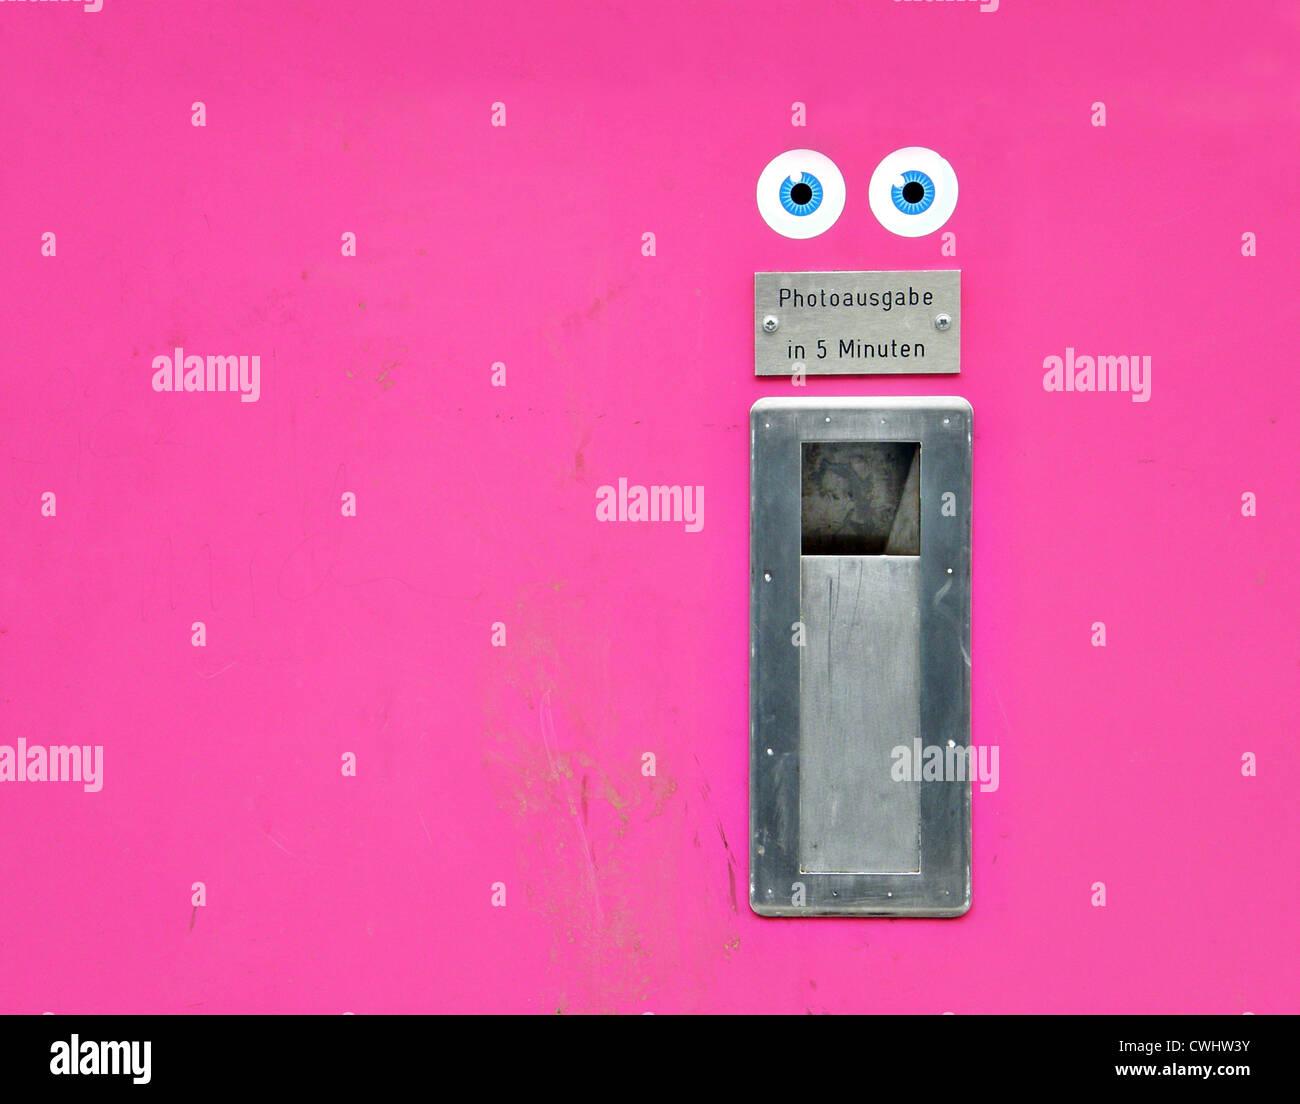 Gesicht, Humor, Skurril, Bild-Schreibtisch Stockbild